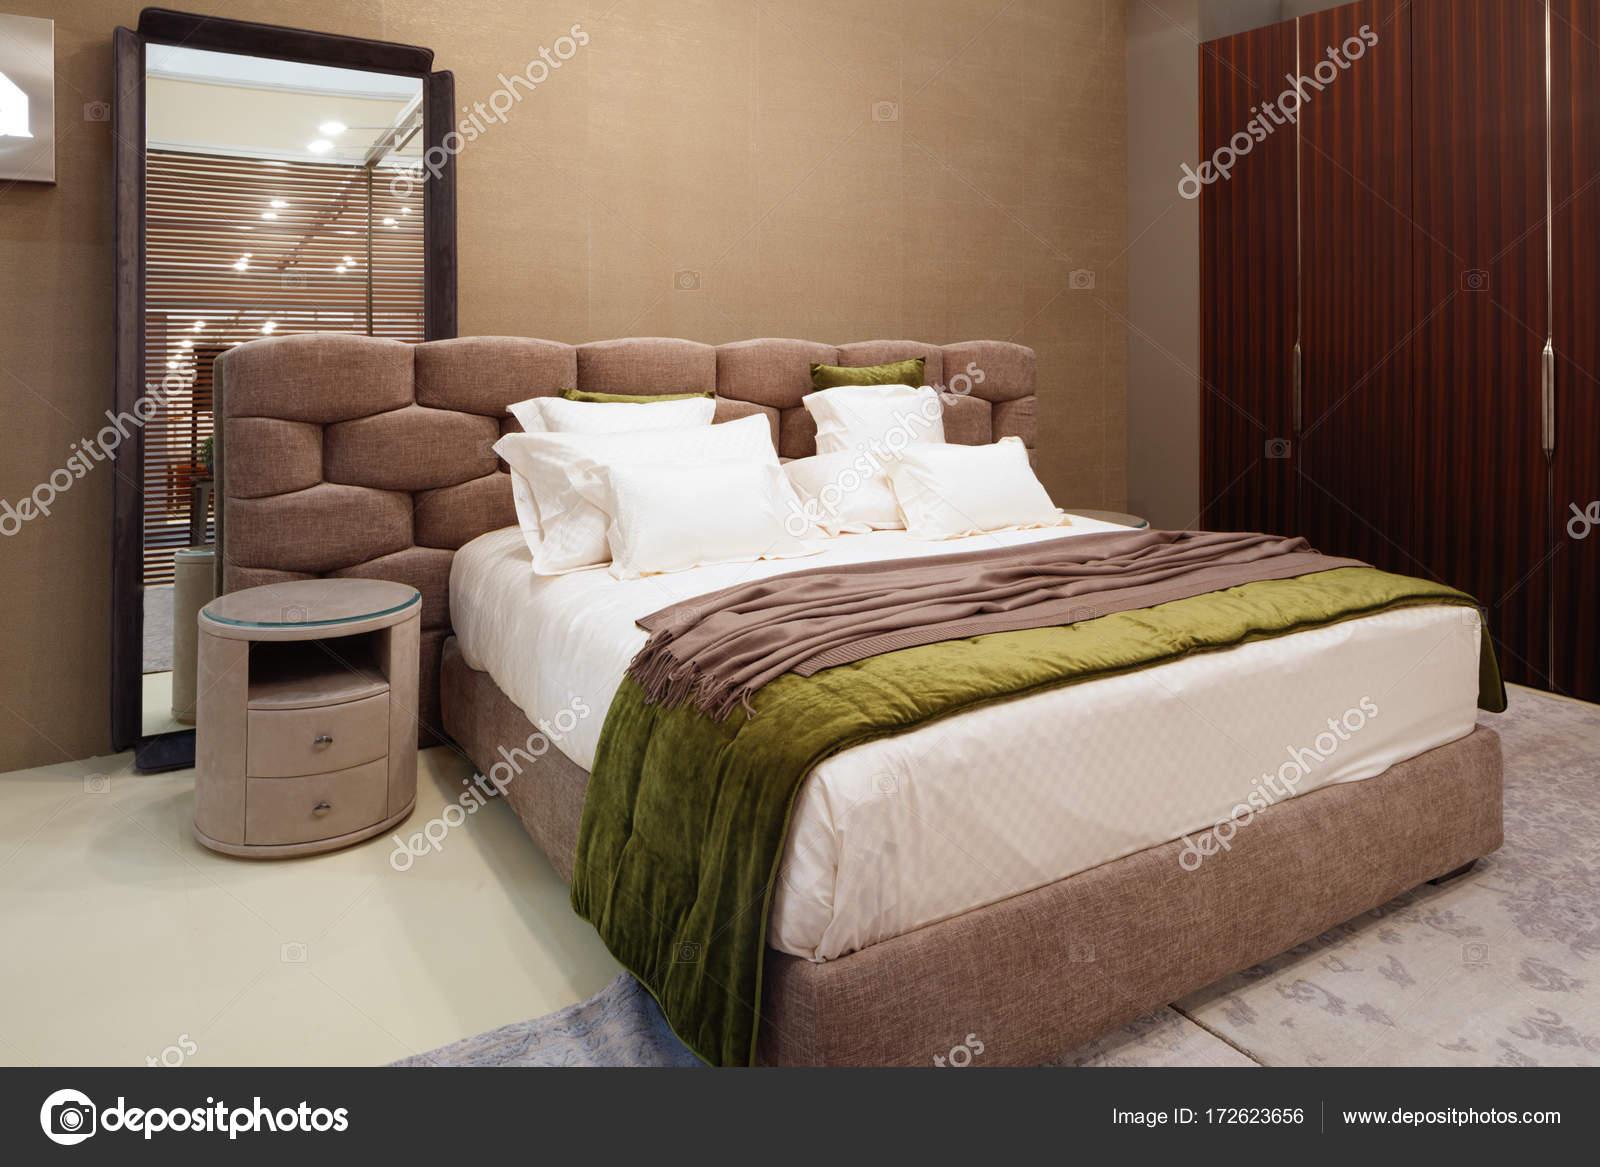 Luxus Modernen Stil Schlafzimmer In Rot Und Rosa Tönen, Interieur Aus Einem  Hotel Schlafzimmer